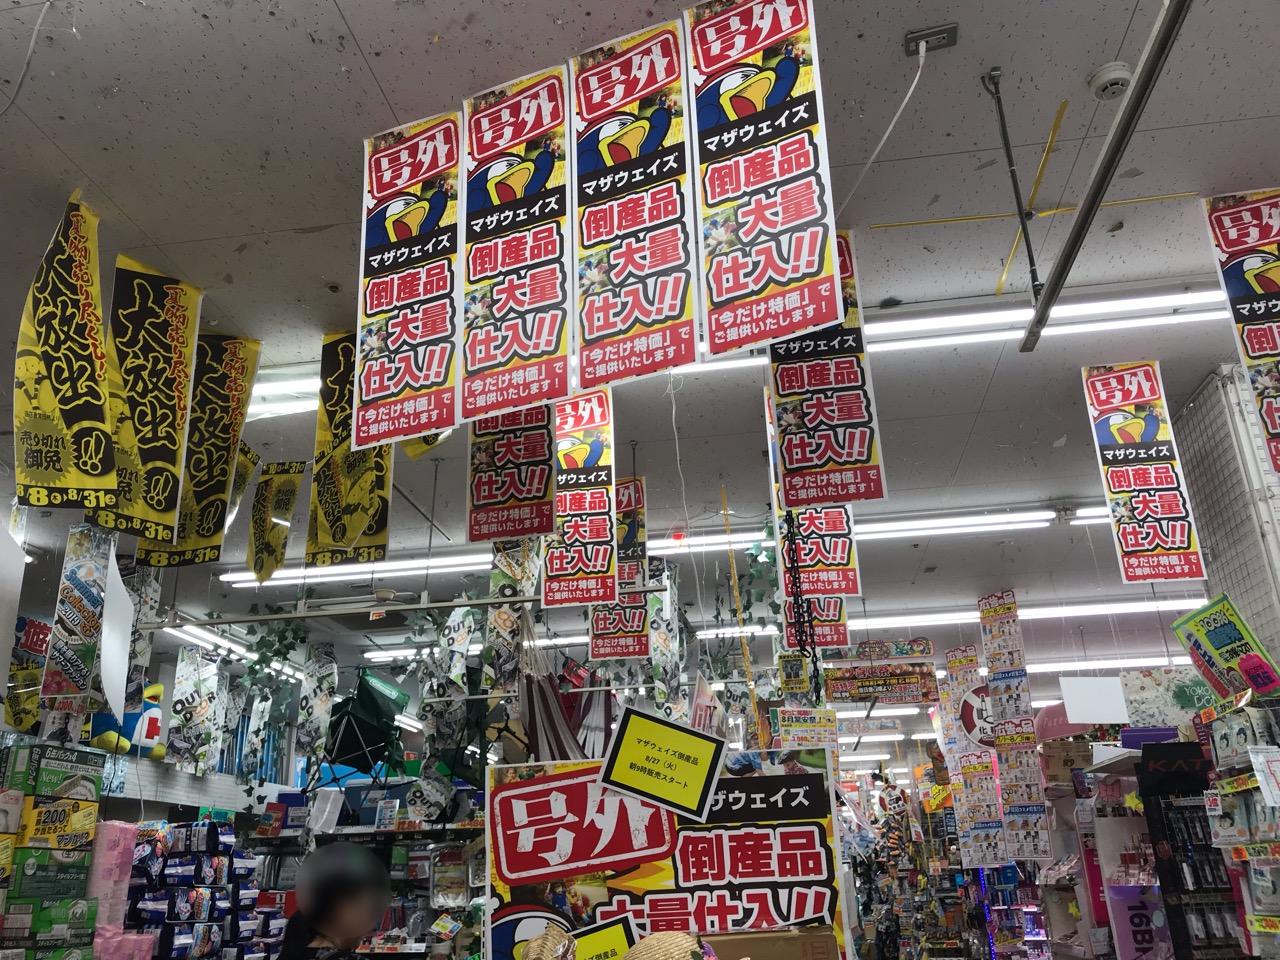 横須賀市】ドンキホーテでマザウェイズの倒産品が激安販売中です